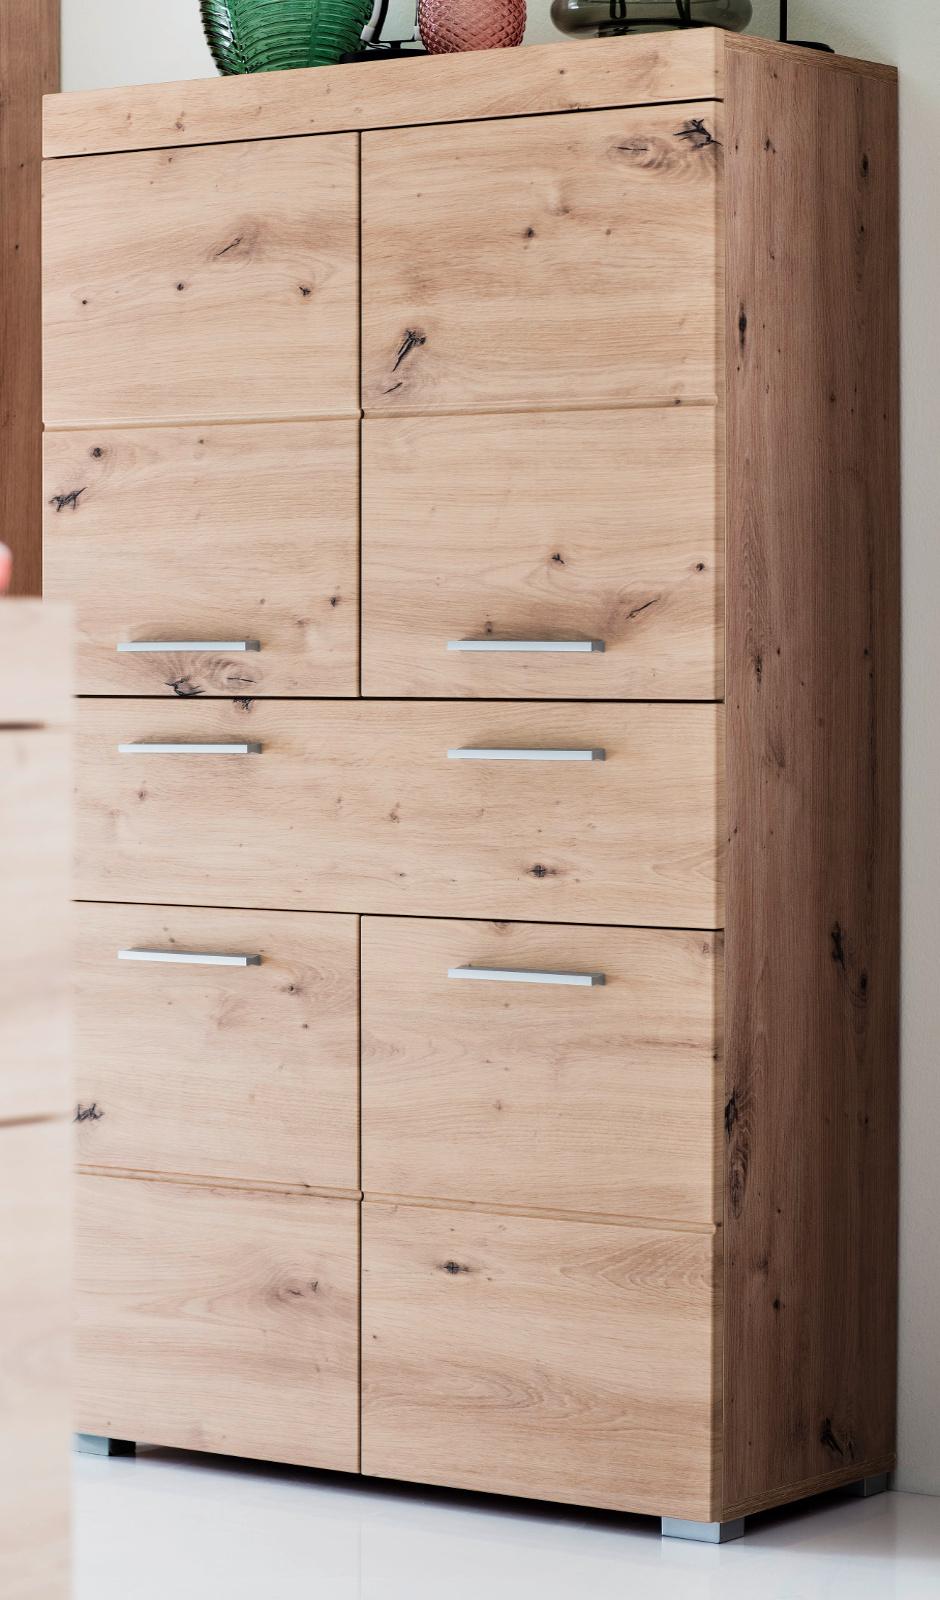 Details zu Badschrank Midischrank Eiche Asteiche Badezimmer Kommode  Badmöbel Amanda 18x18